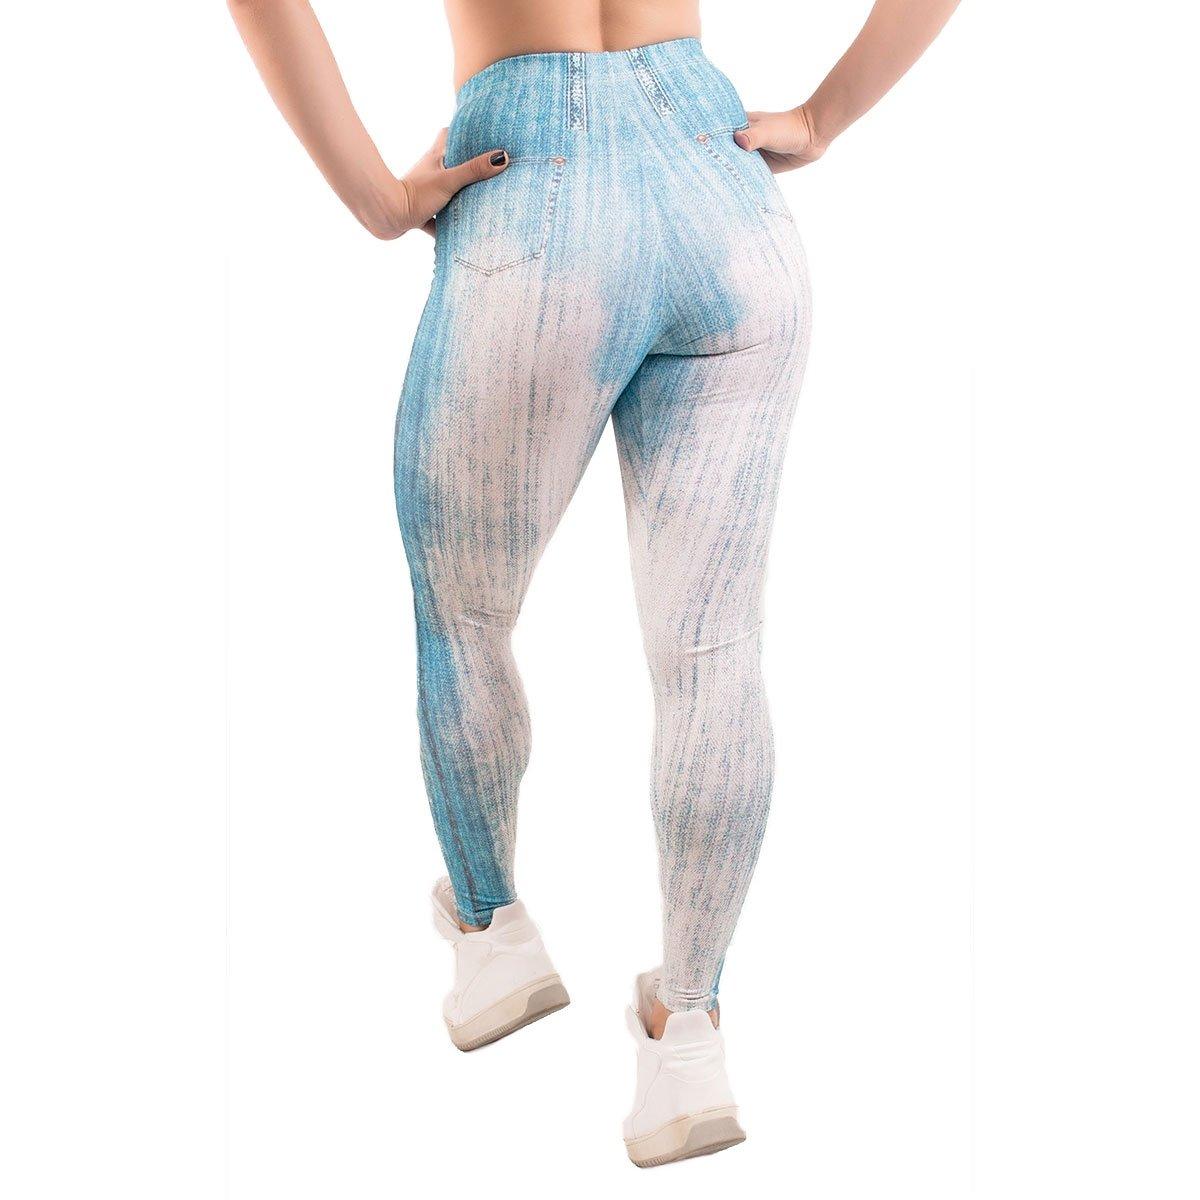 Fake legging Calça Azul legging Fake com Jeans Calça Claro Rasgo q1tnEnaF7